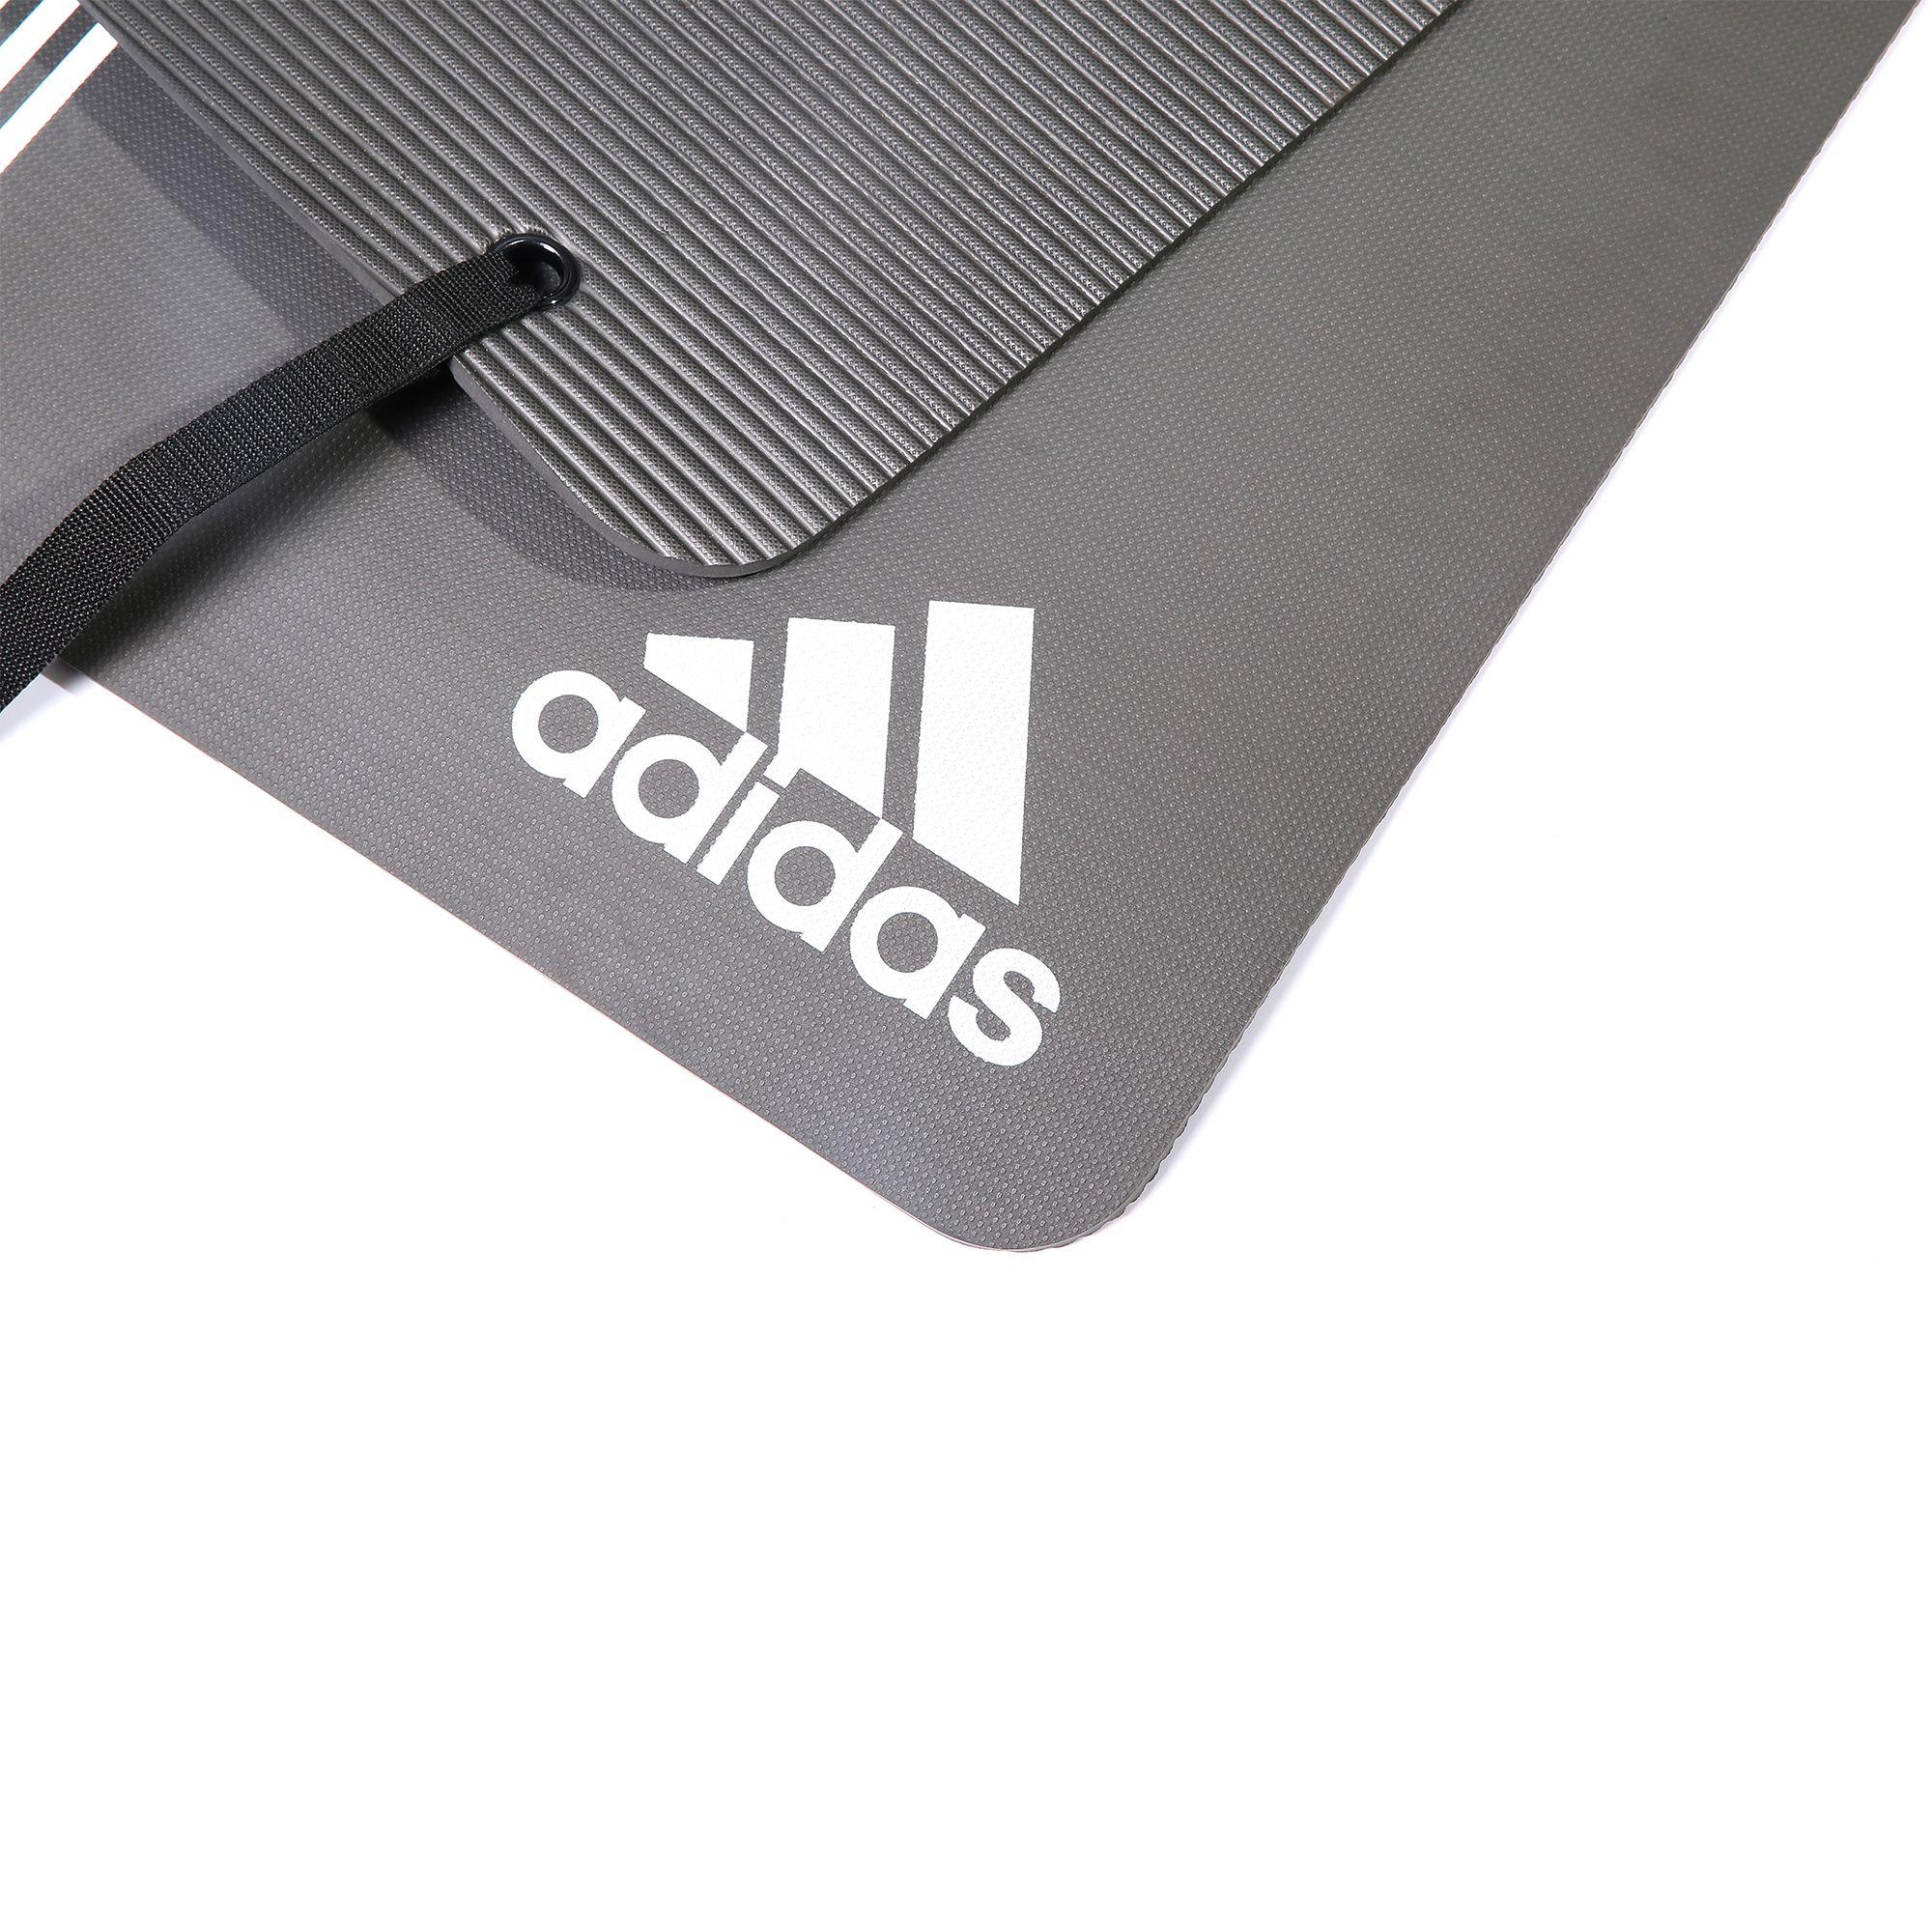 Adidas Elite Training Mat